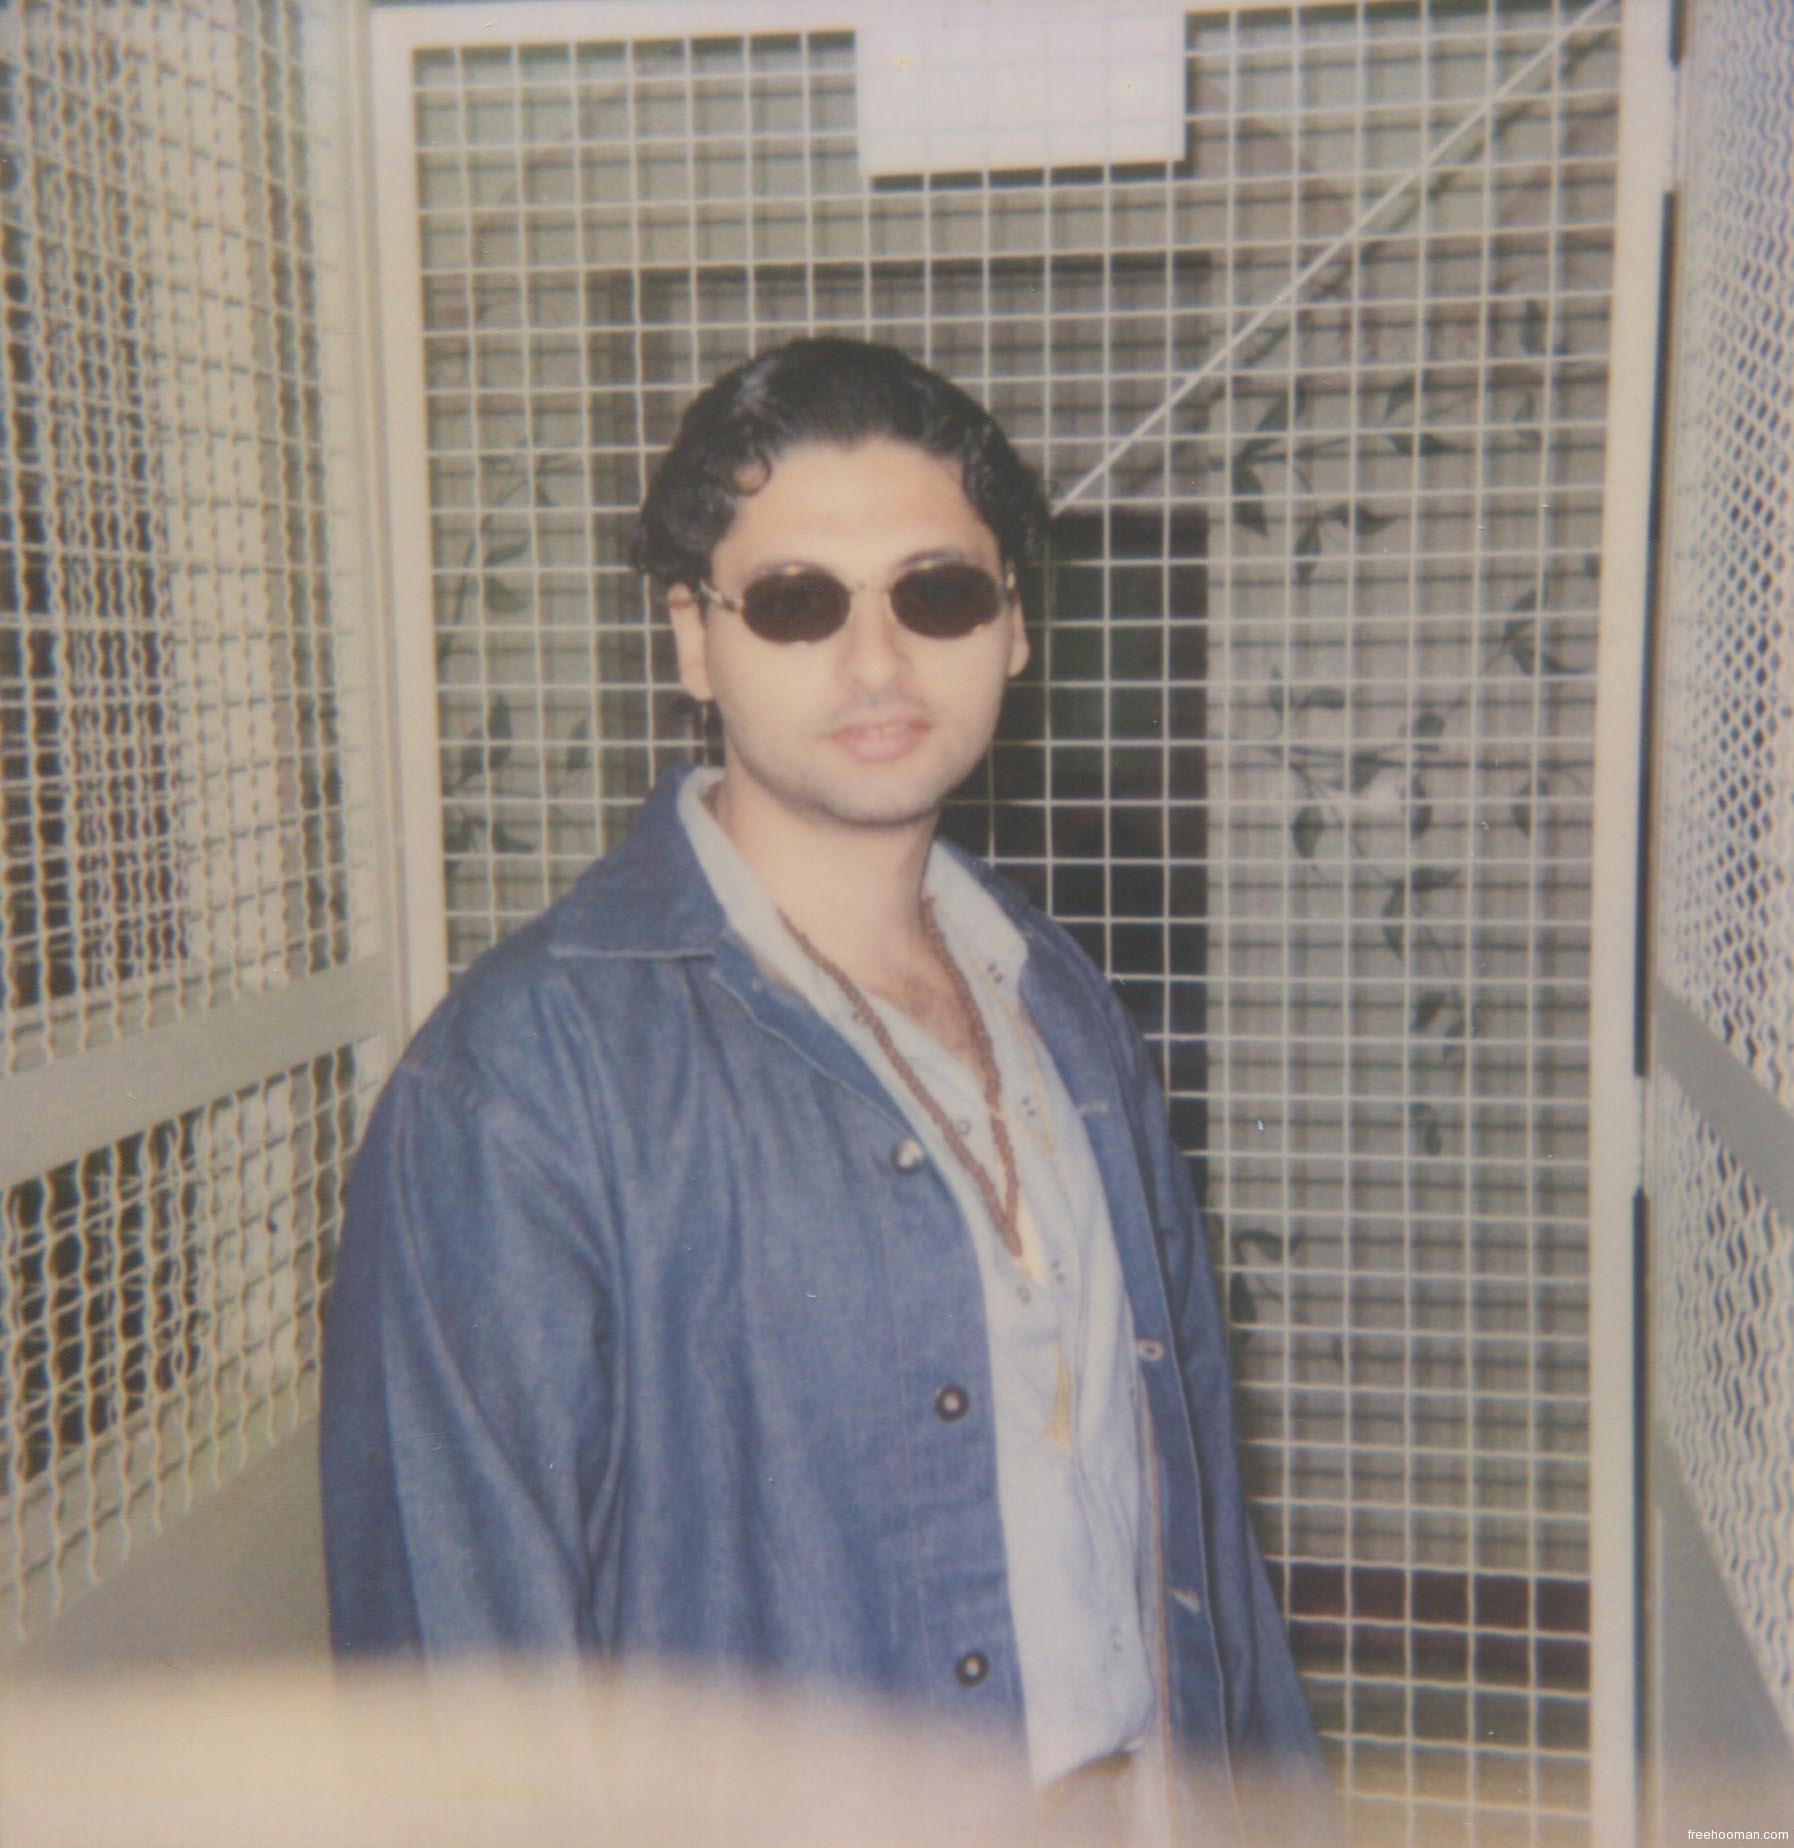 Friday Mar 23, 2001 - جمعه ۳ فروردین ١۳۸٠